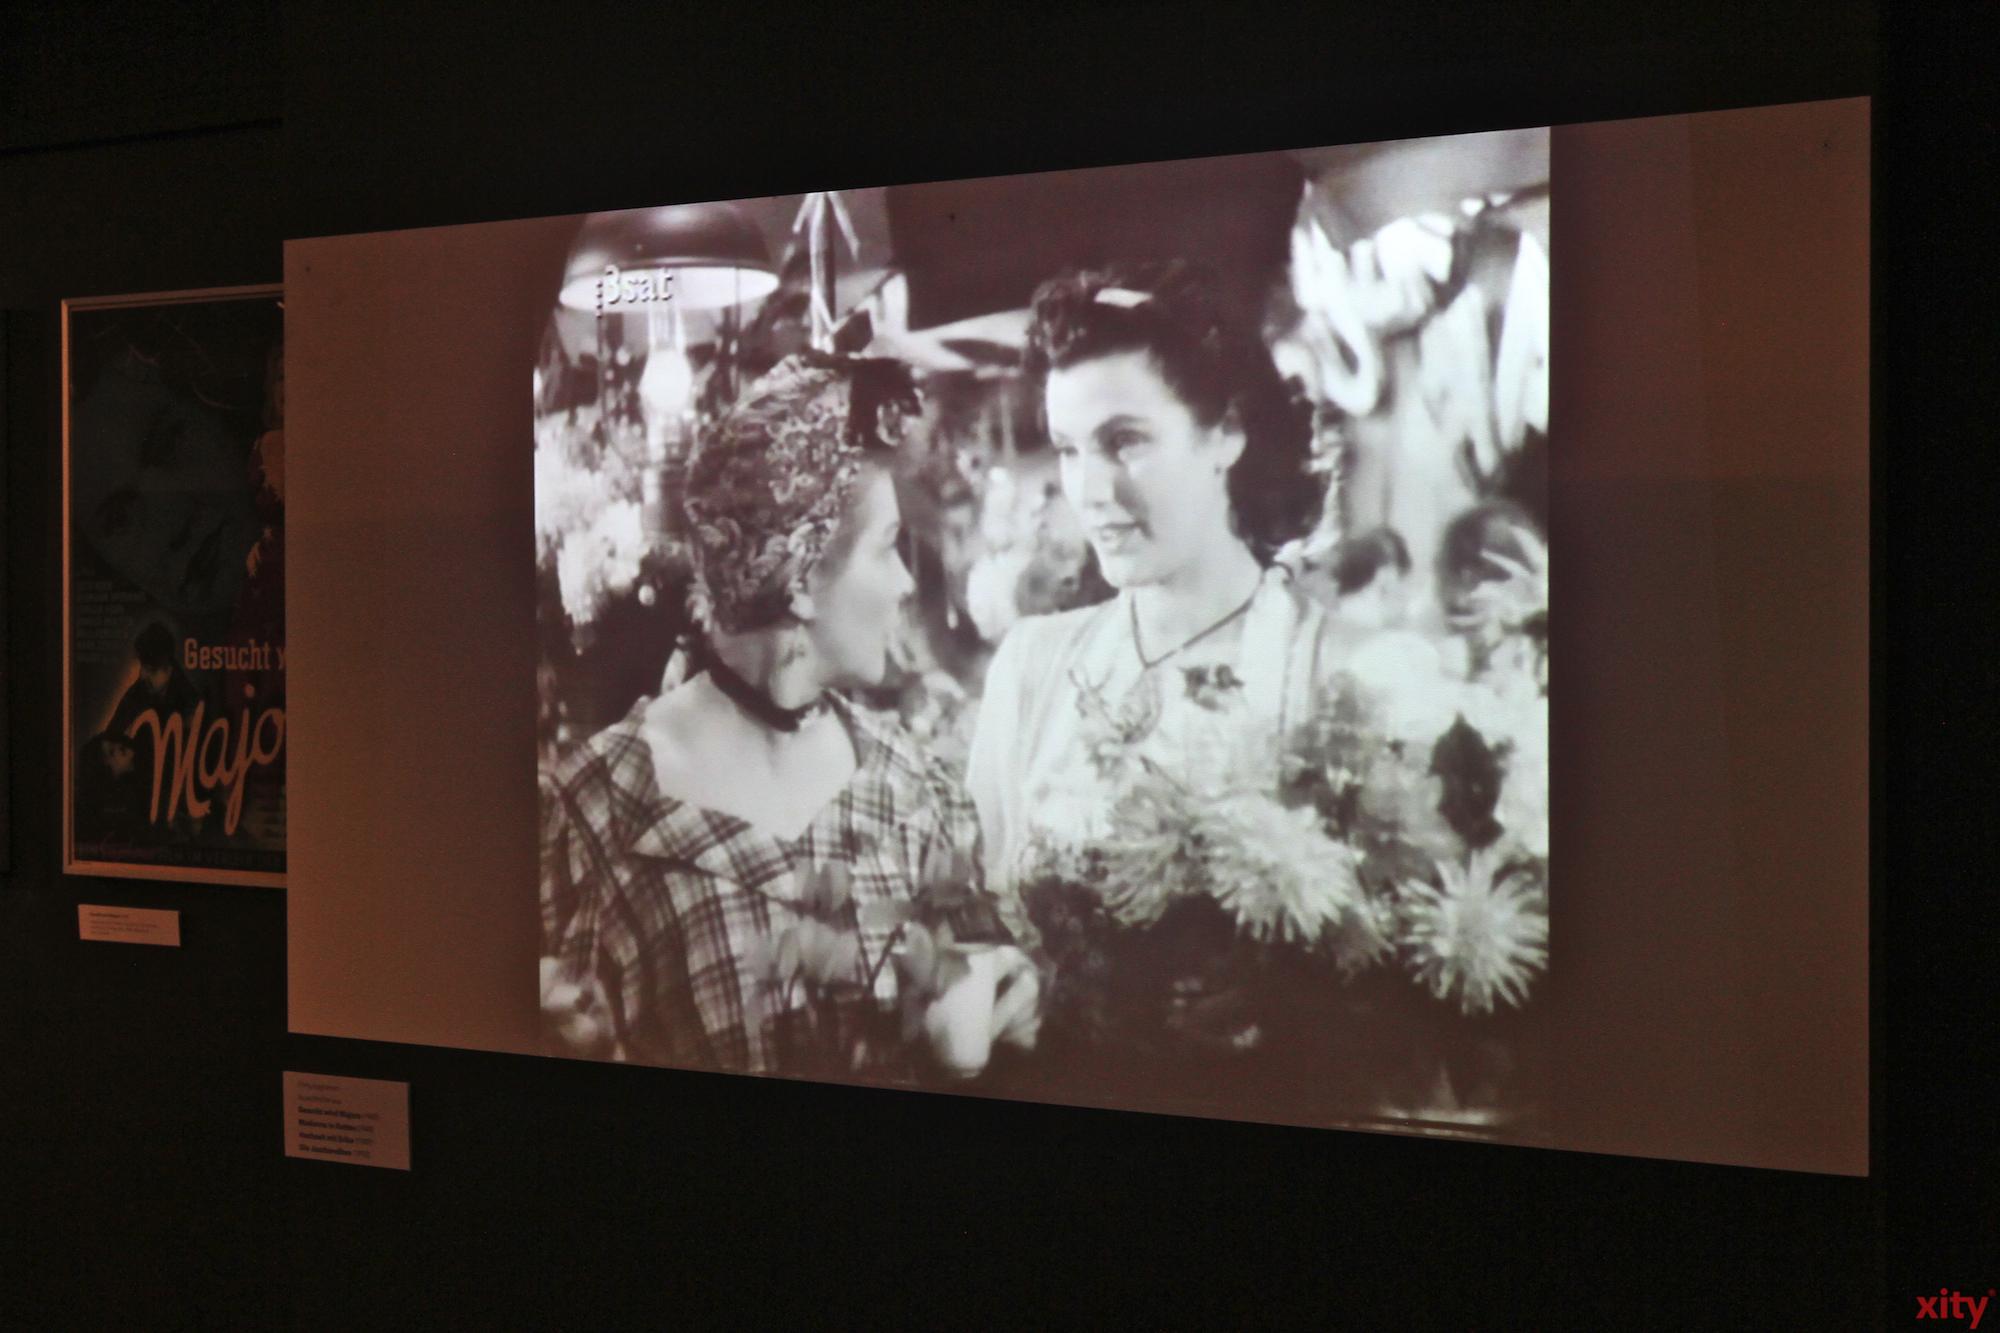 Teil der Ausstellung ist auch ein Ausschnitt aus einem Dokumentarfilm der 1930er bis 1950er Jahre (Foto: xity)